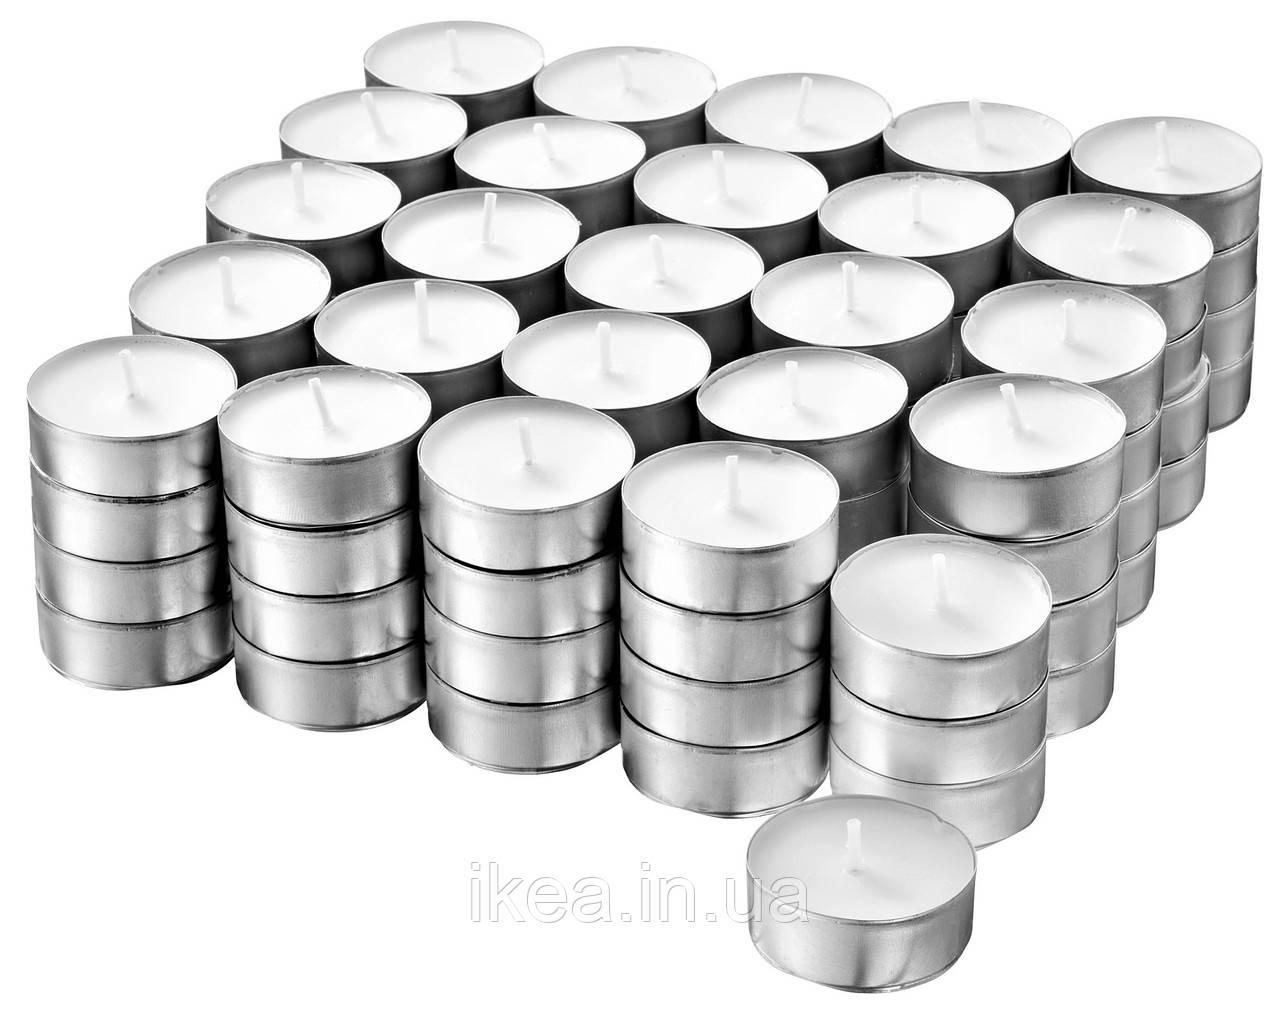 Свічки таблетки чайні IKEA GLIMMA 500 шт х 4 години горіння, декоративні плаваючі свічки ГЛІММА ІКЕА